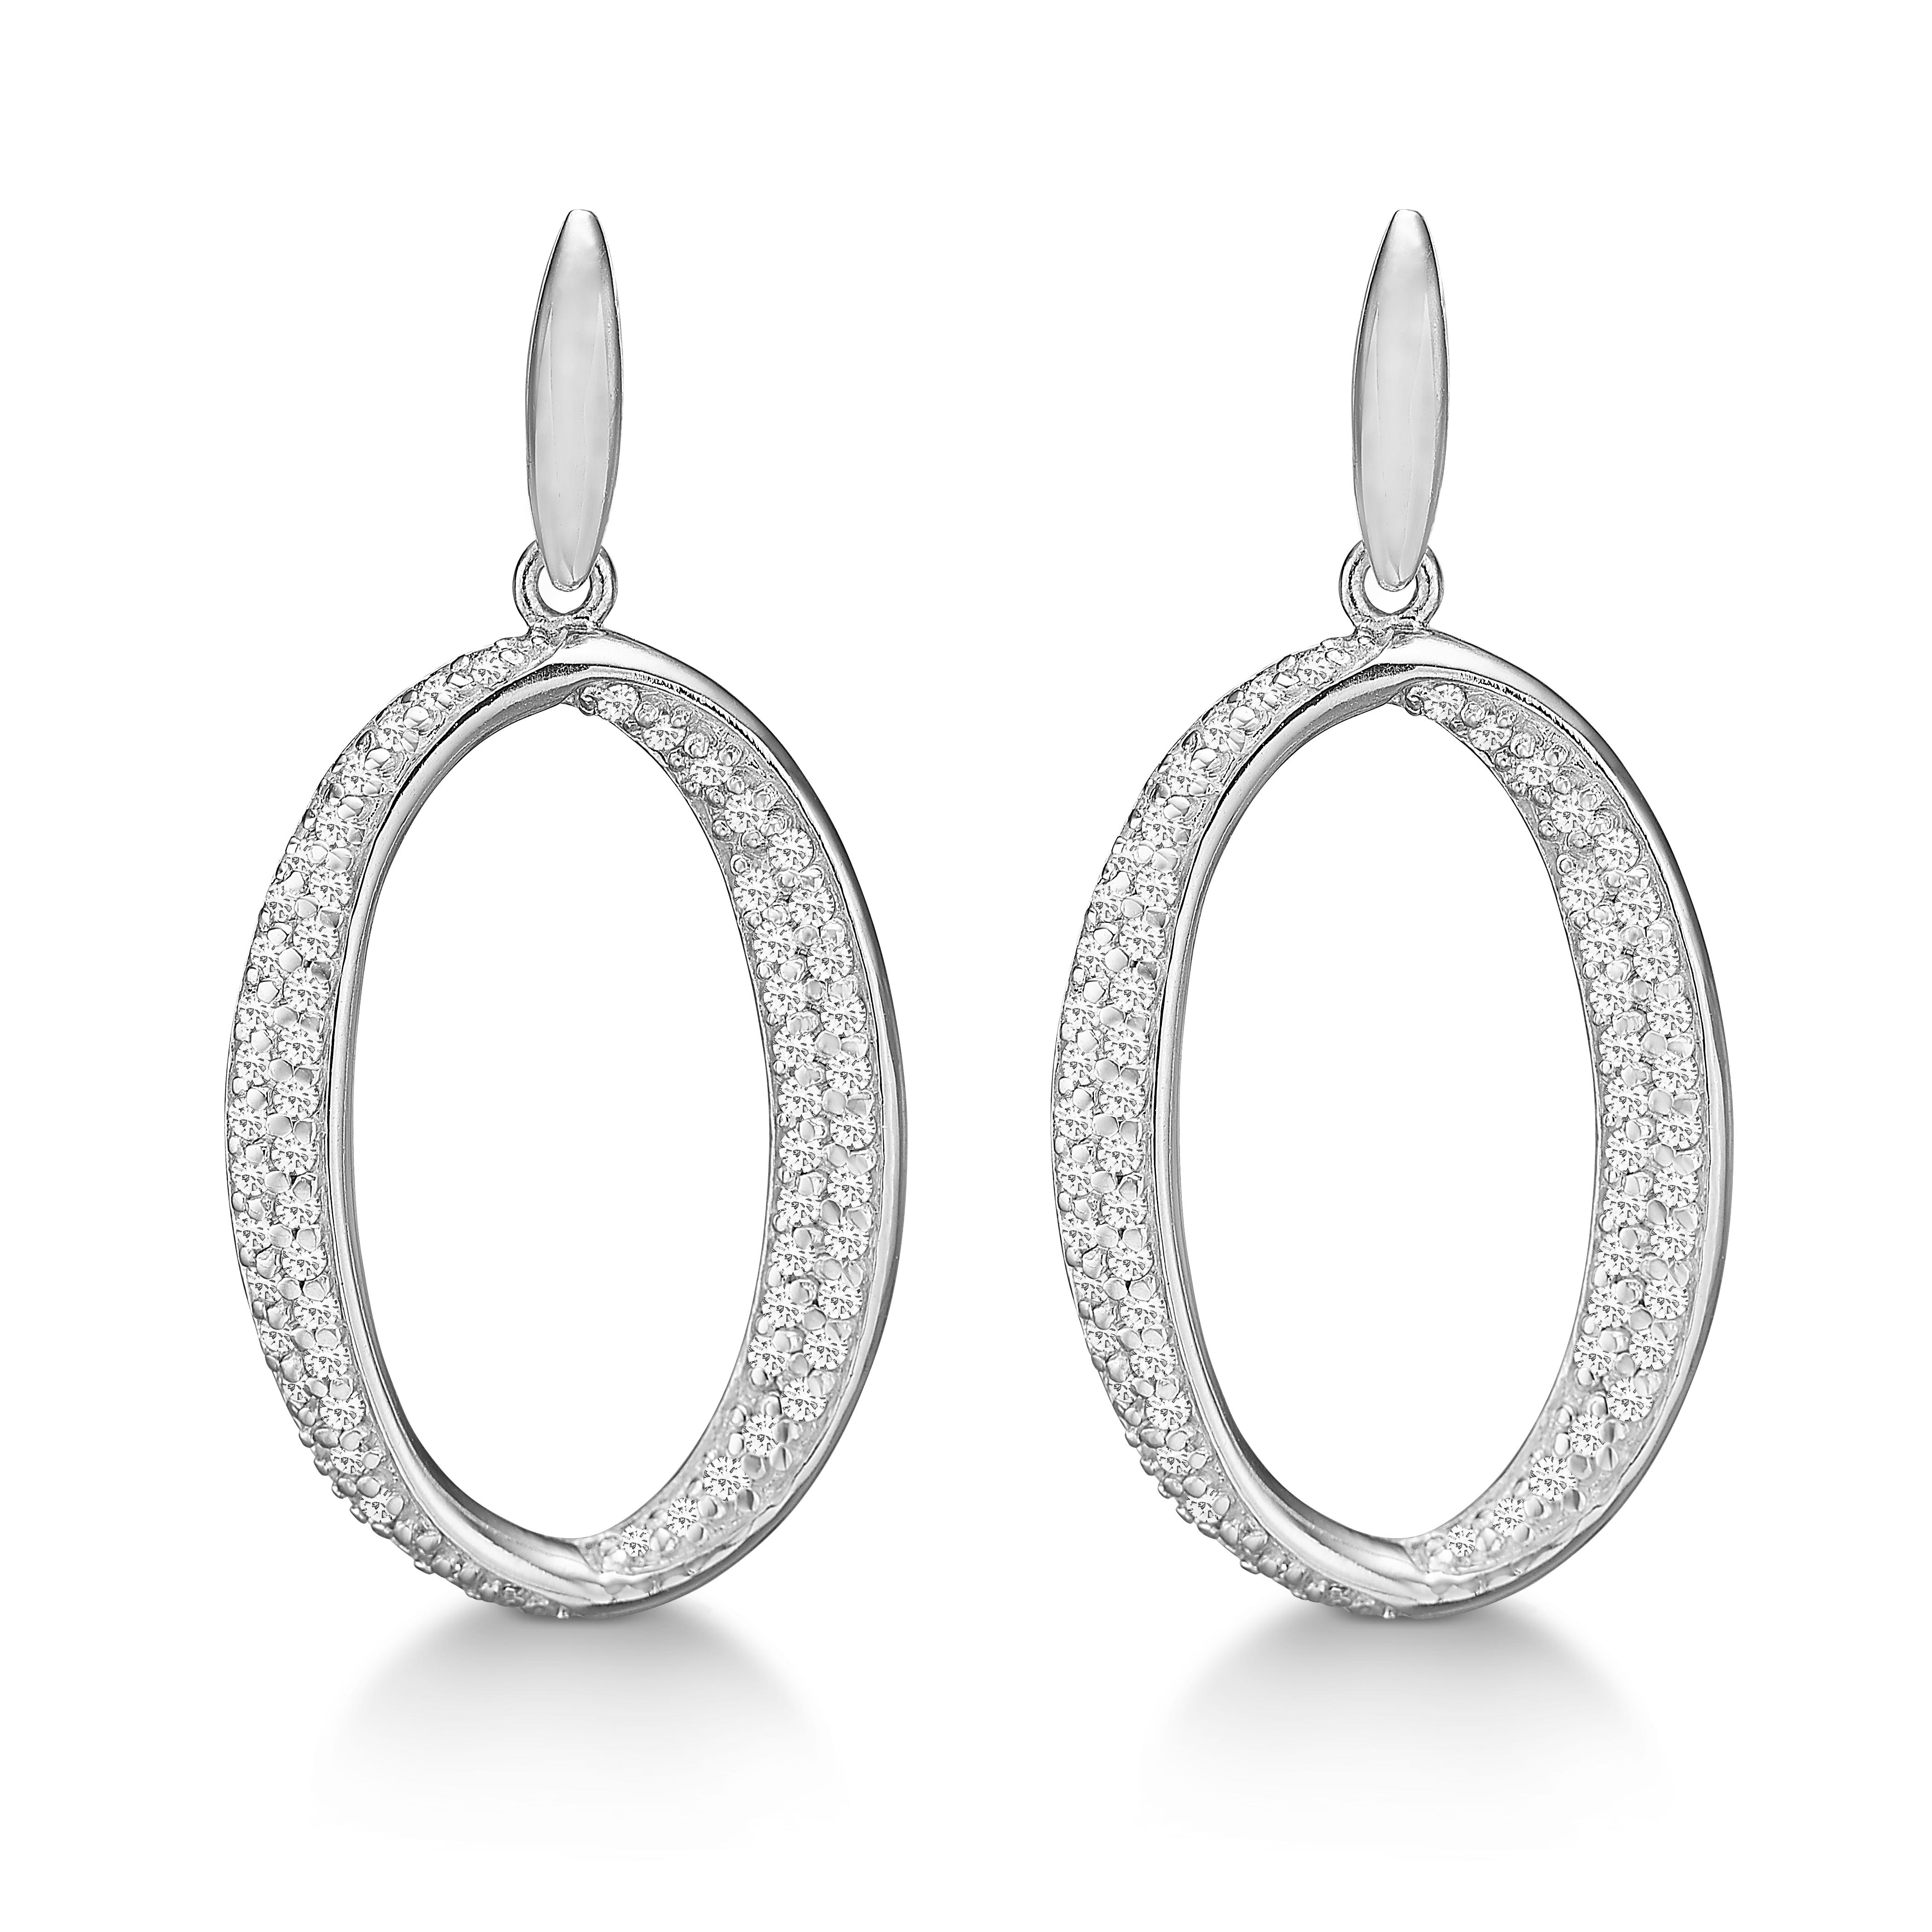 Billede af Rhodineret sølv ørestikker med zirkonia - 21972288-75